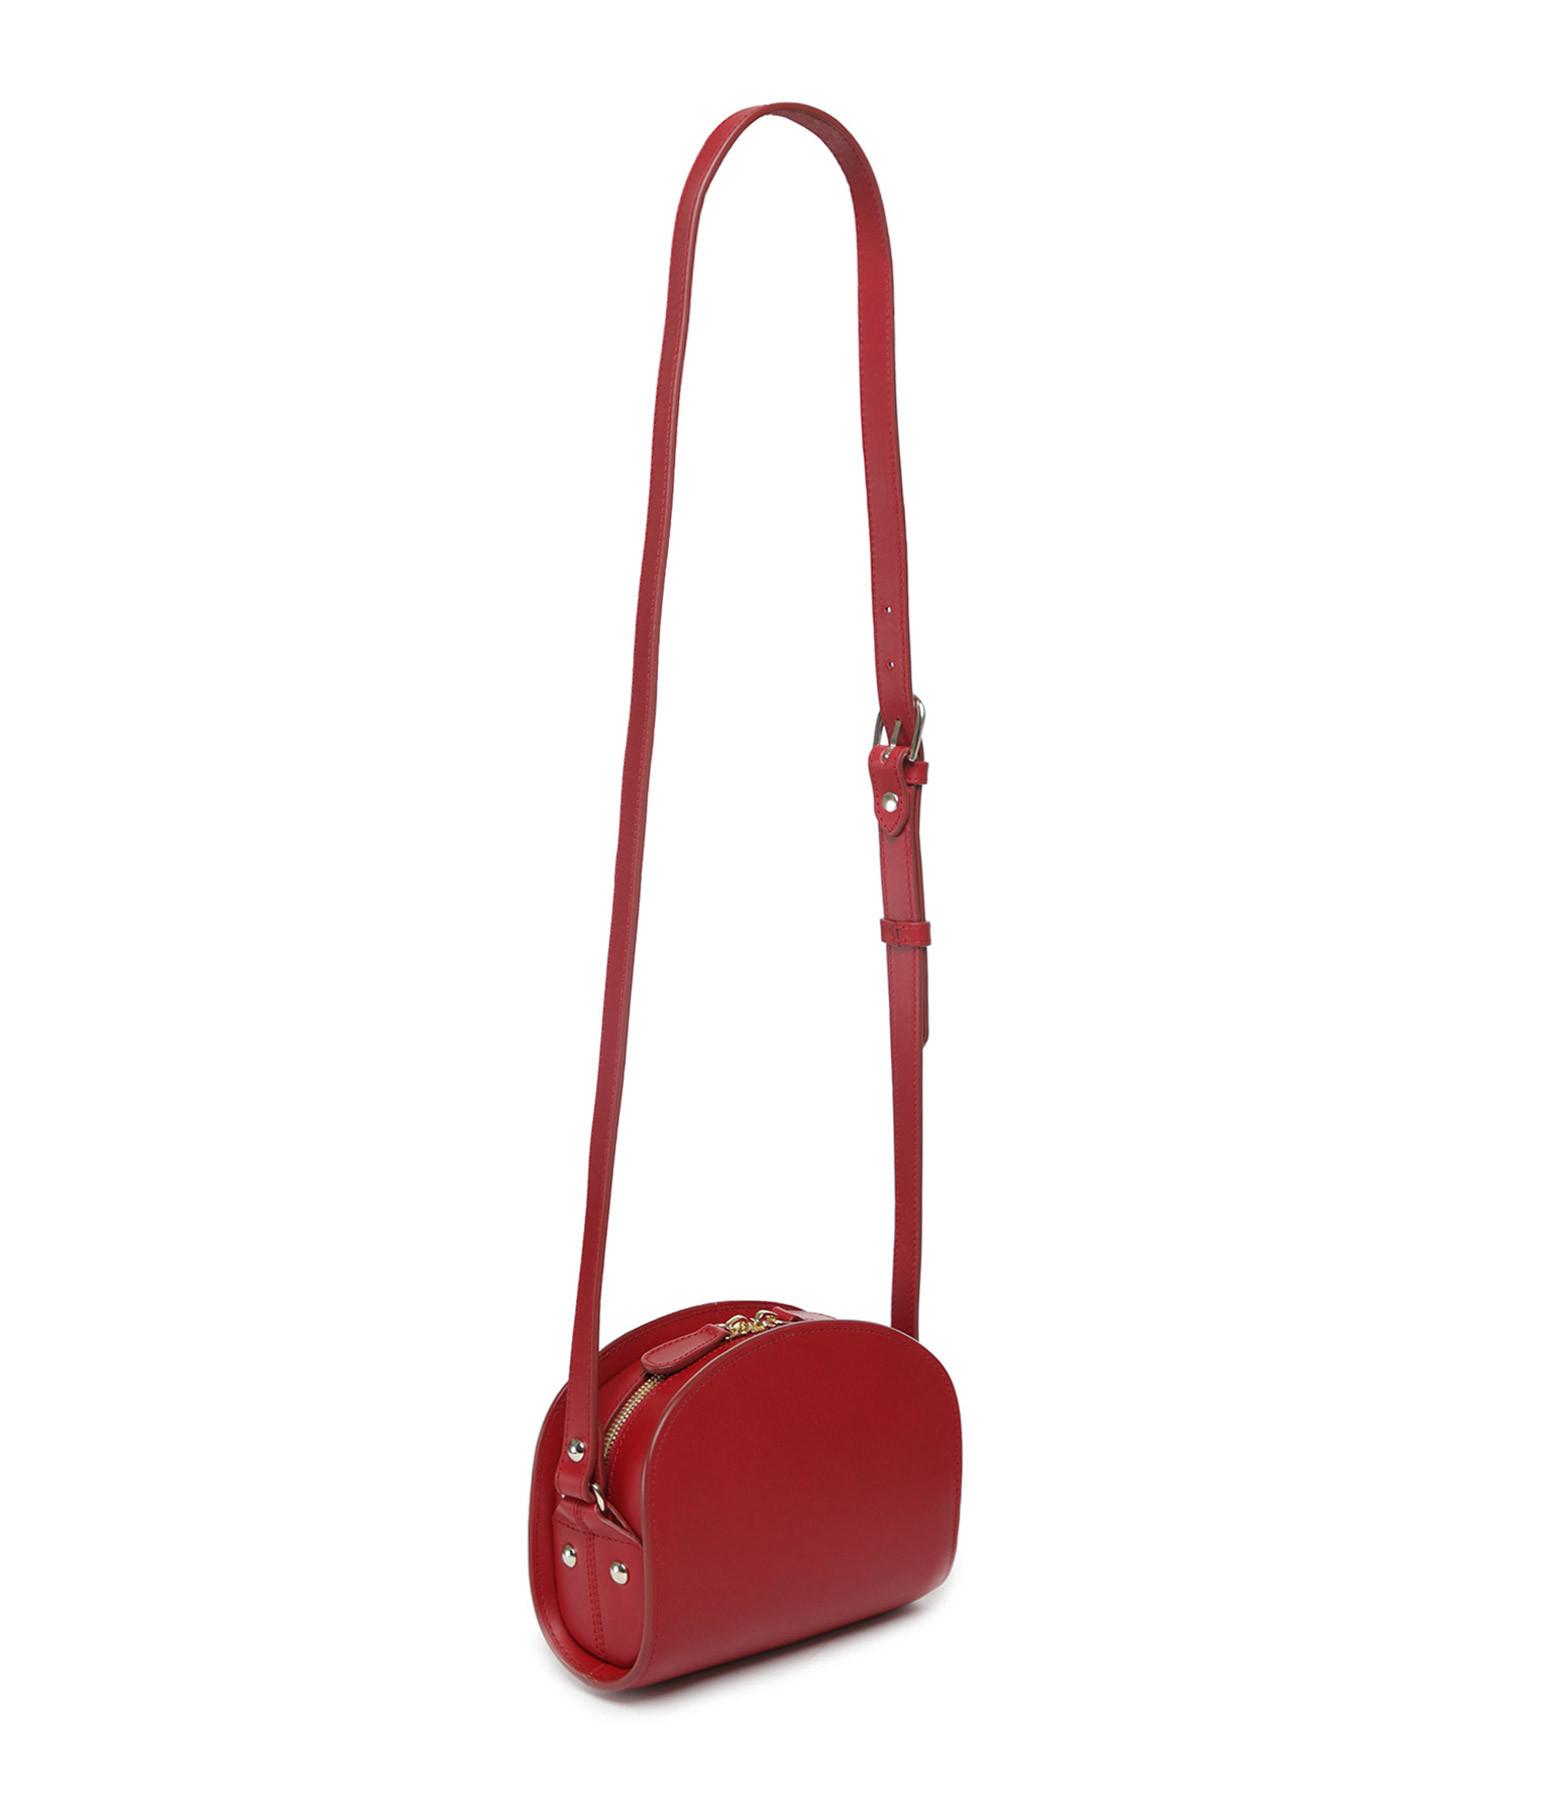 A.P.C. - Sac Demi-Lune Mini Cuir Lisse Rouge Foncé